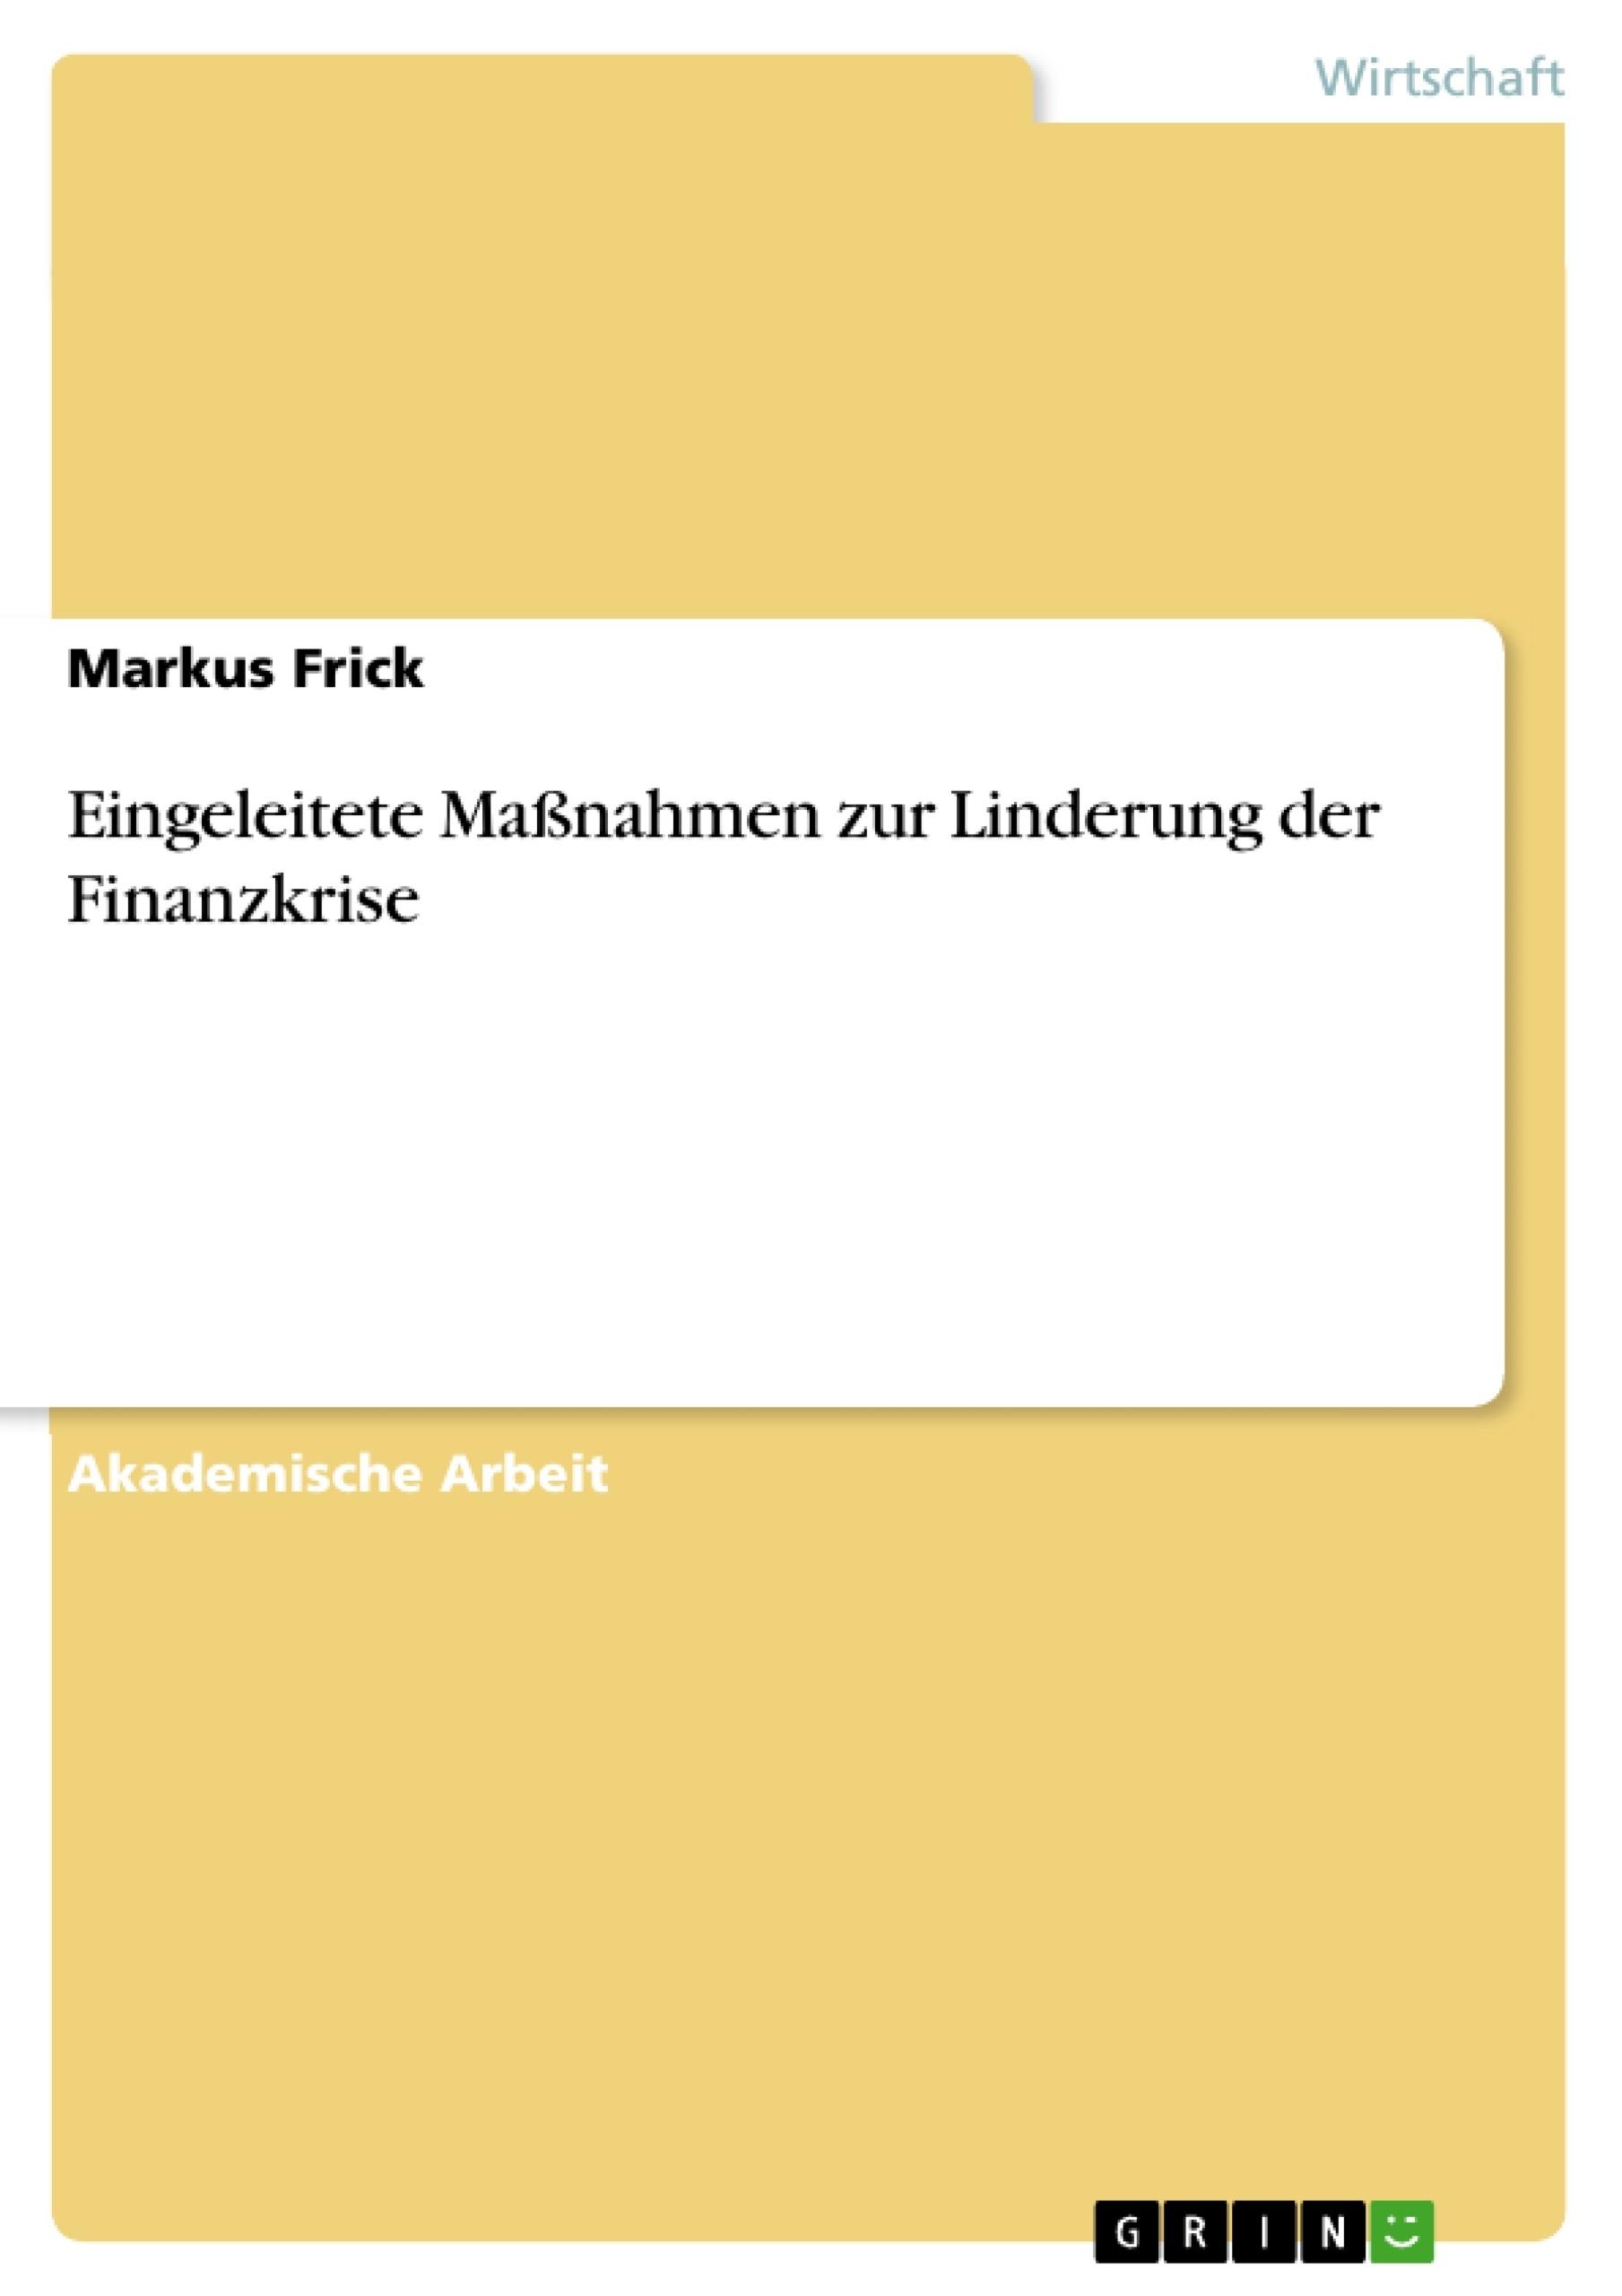 Titel: Eingeleitete Maßnahmen zur Linderung der Finanzkrise